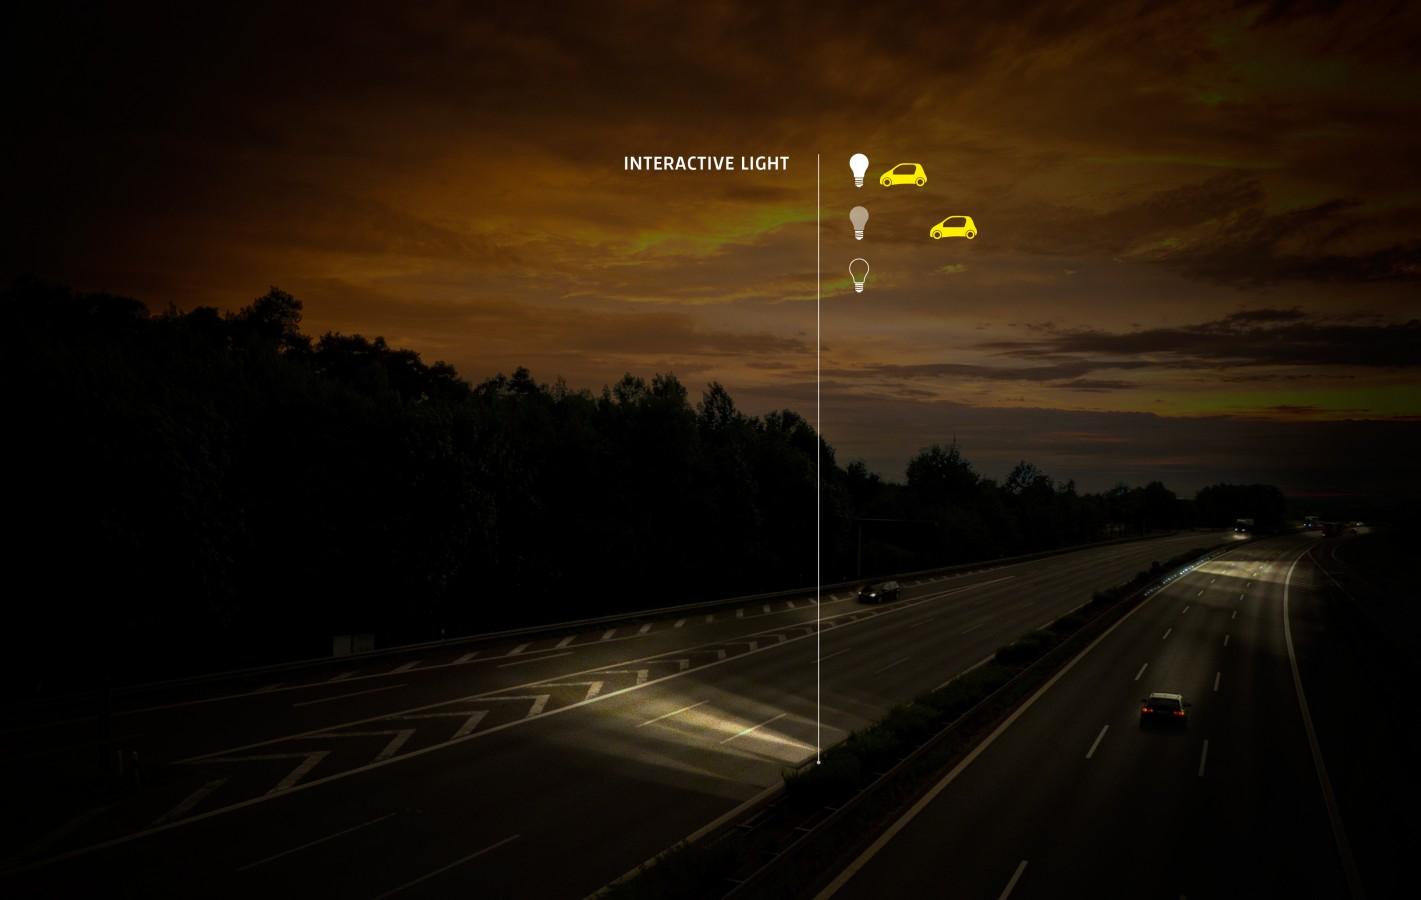 Διαγράμμιση οδών με μπογιά που λάμπει στο σκοτάδι